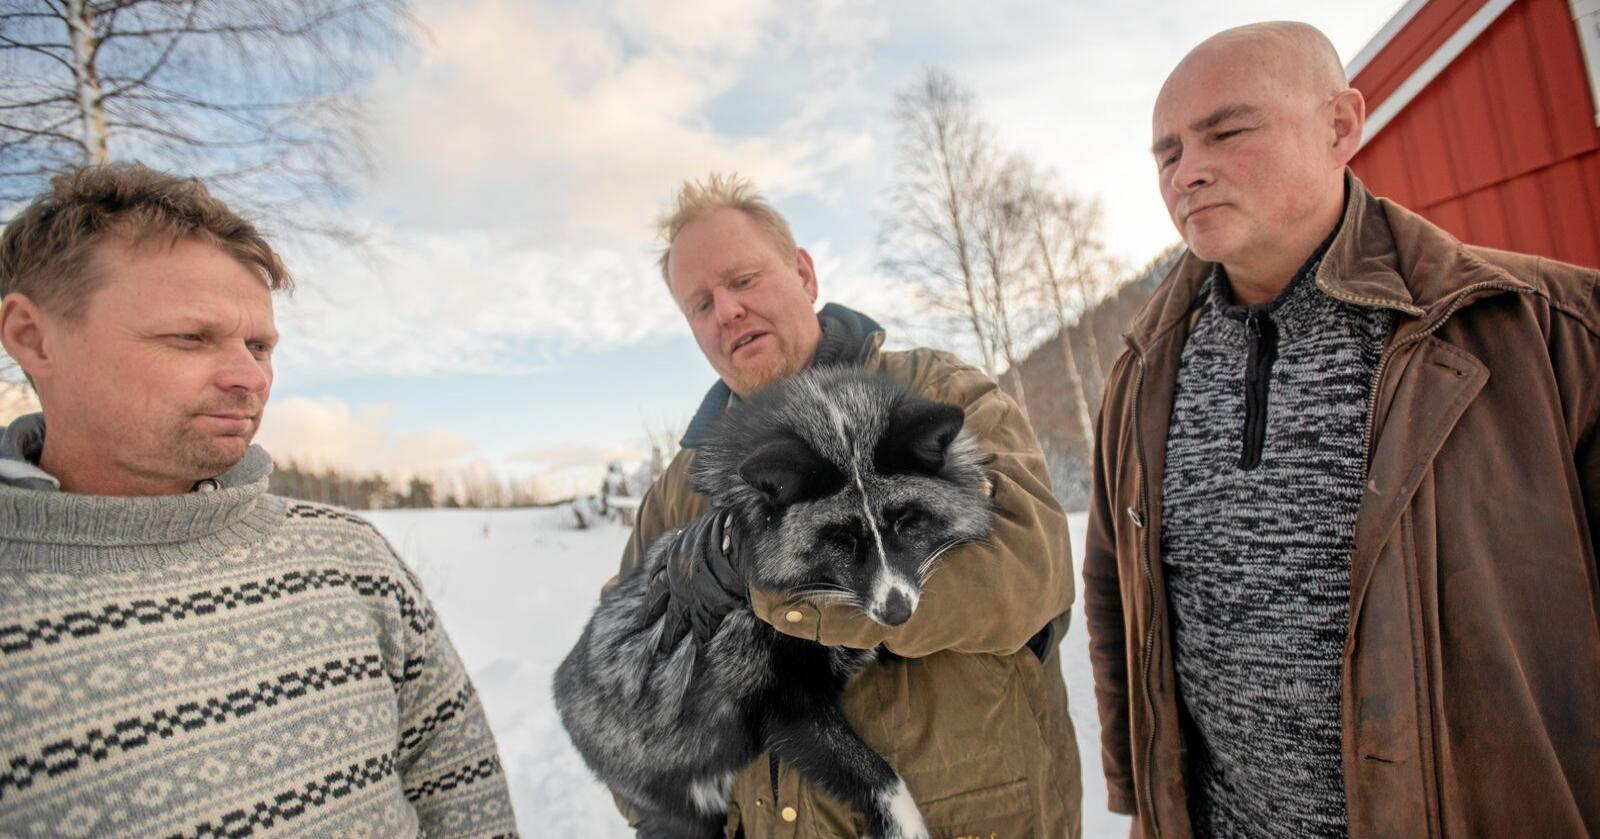 Uforståelig: Jan Grønningen (til venstre) leder Høyres landbrukspolitisk utvalg i Trøndelag. Han sier det er uforståelig at reveoppdretterne ikke skal få erstatning på lik linje med de som har mink. Her står han sammen med Lars Ole Bjørnbet (med en sølvrev i hendene) og Bjørnar Berg. Foto: Håvard Zeiner